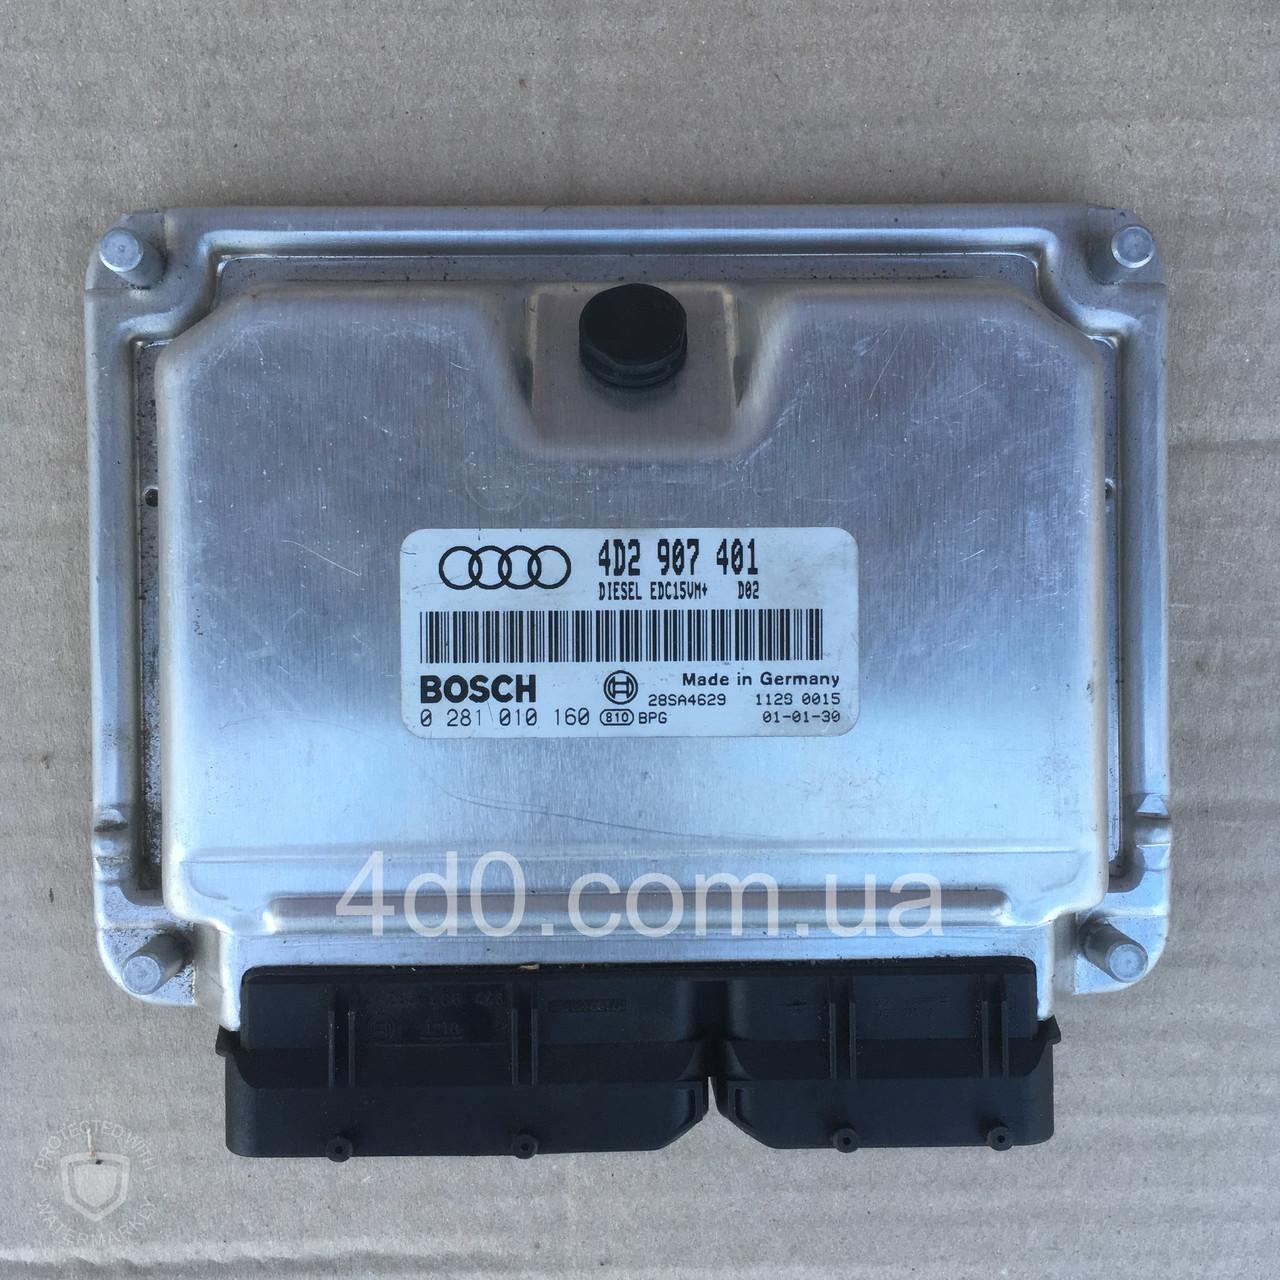 4D2907401 Блок управління двигуном на Audi 2.5 Disel